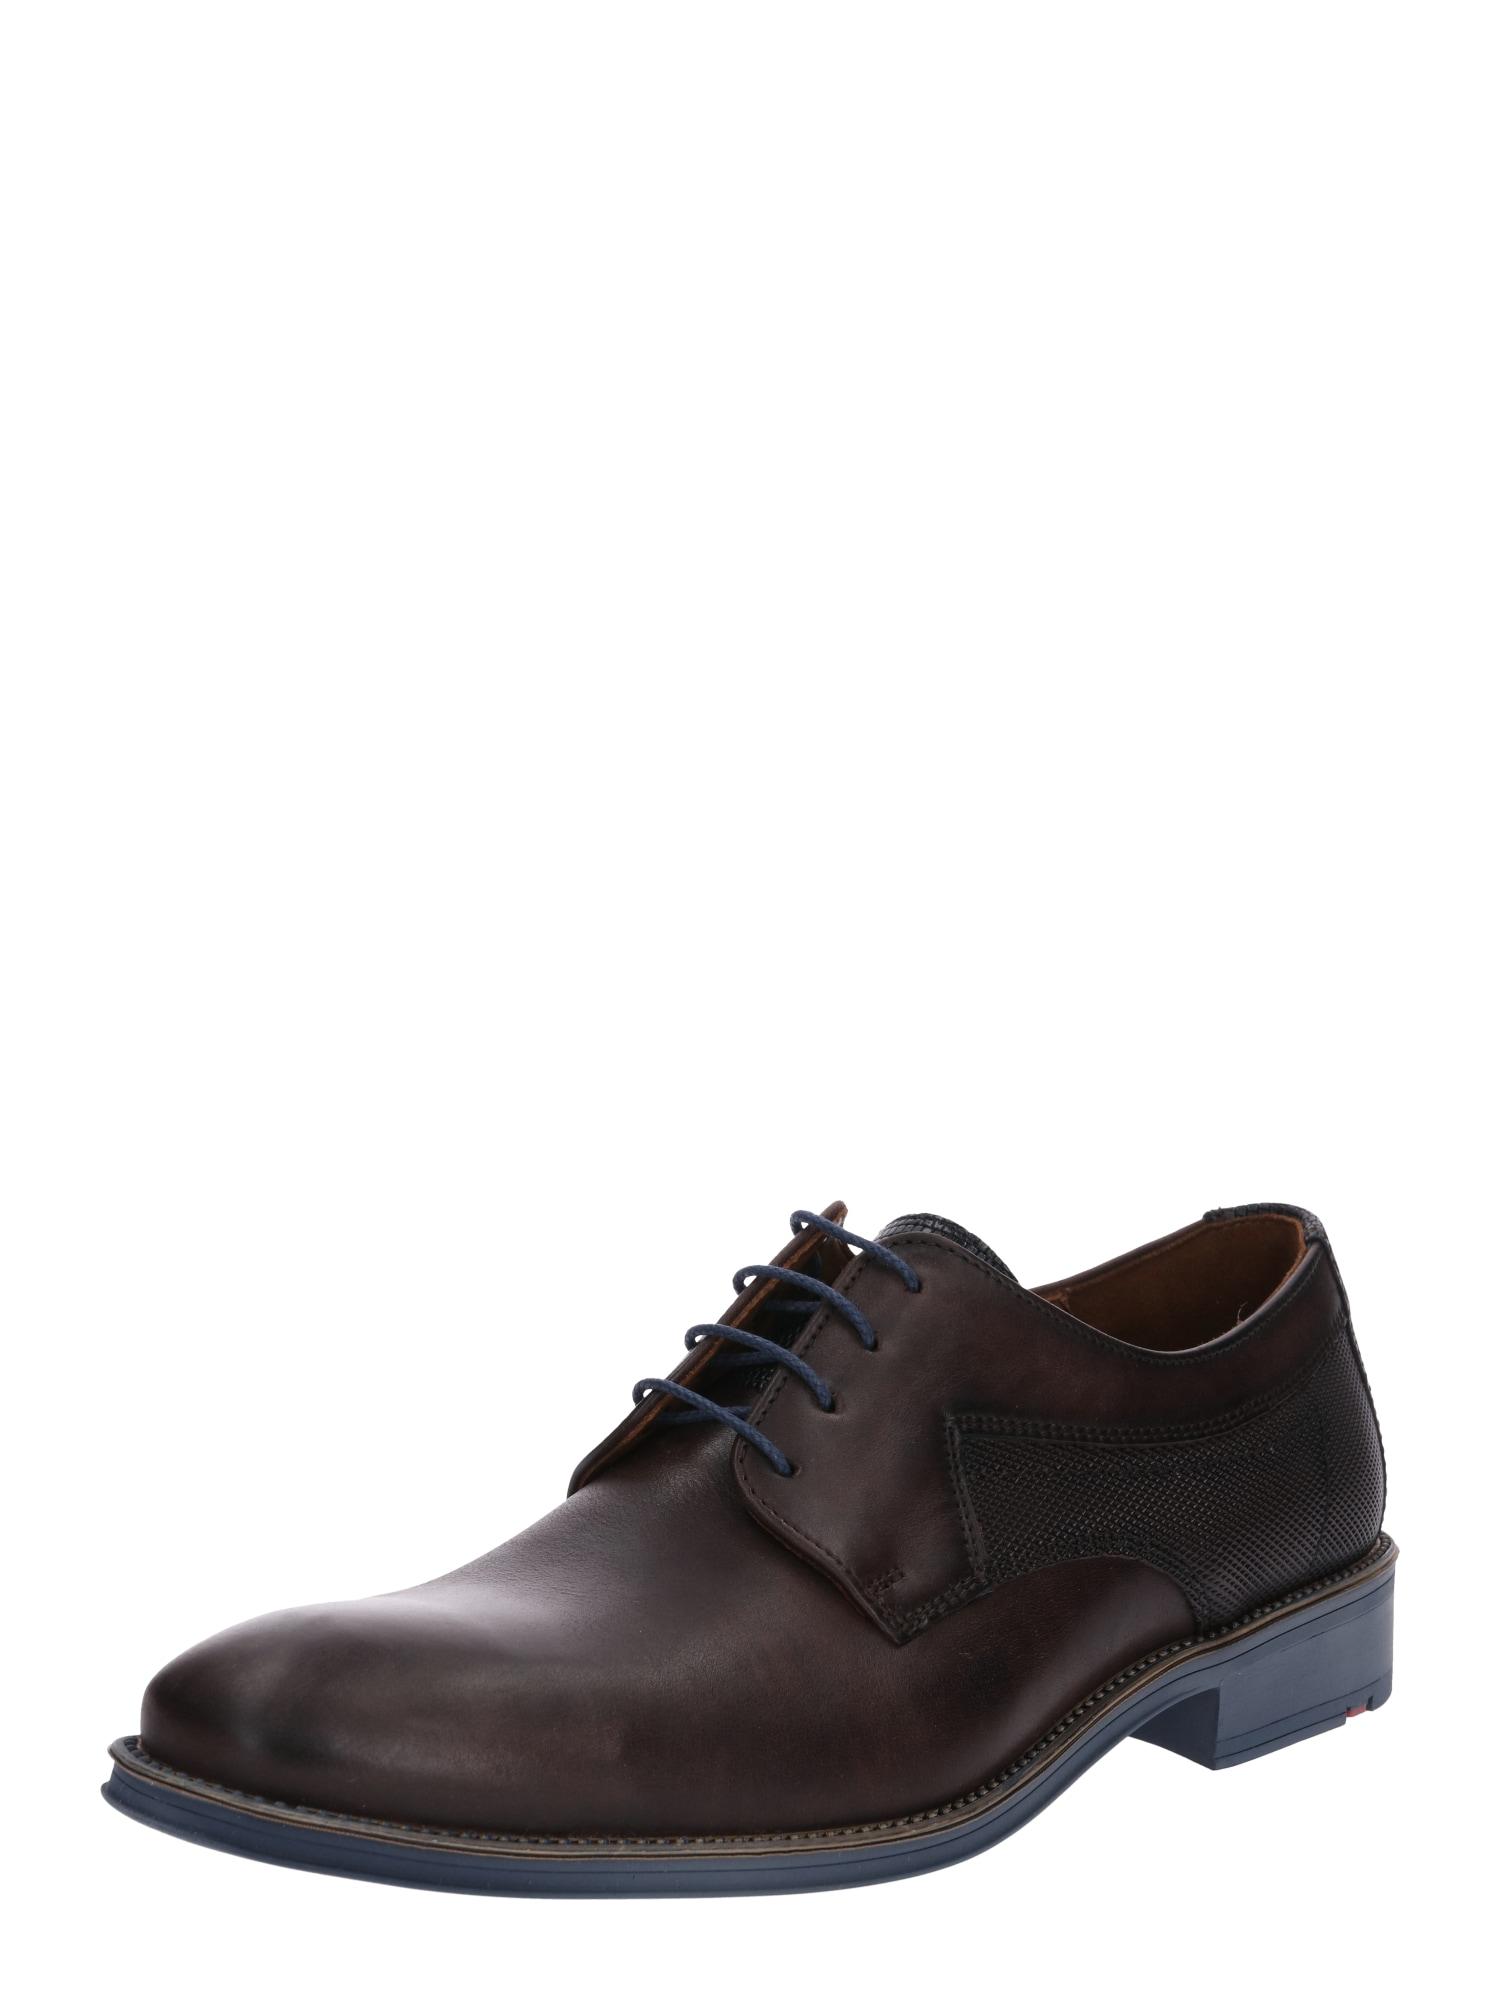 Šněrovací boty Genf tmavě hnědá LLOYD